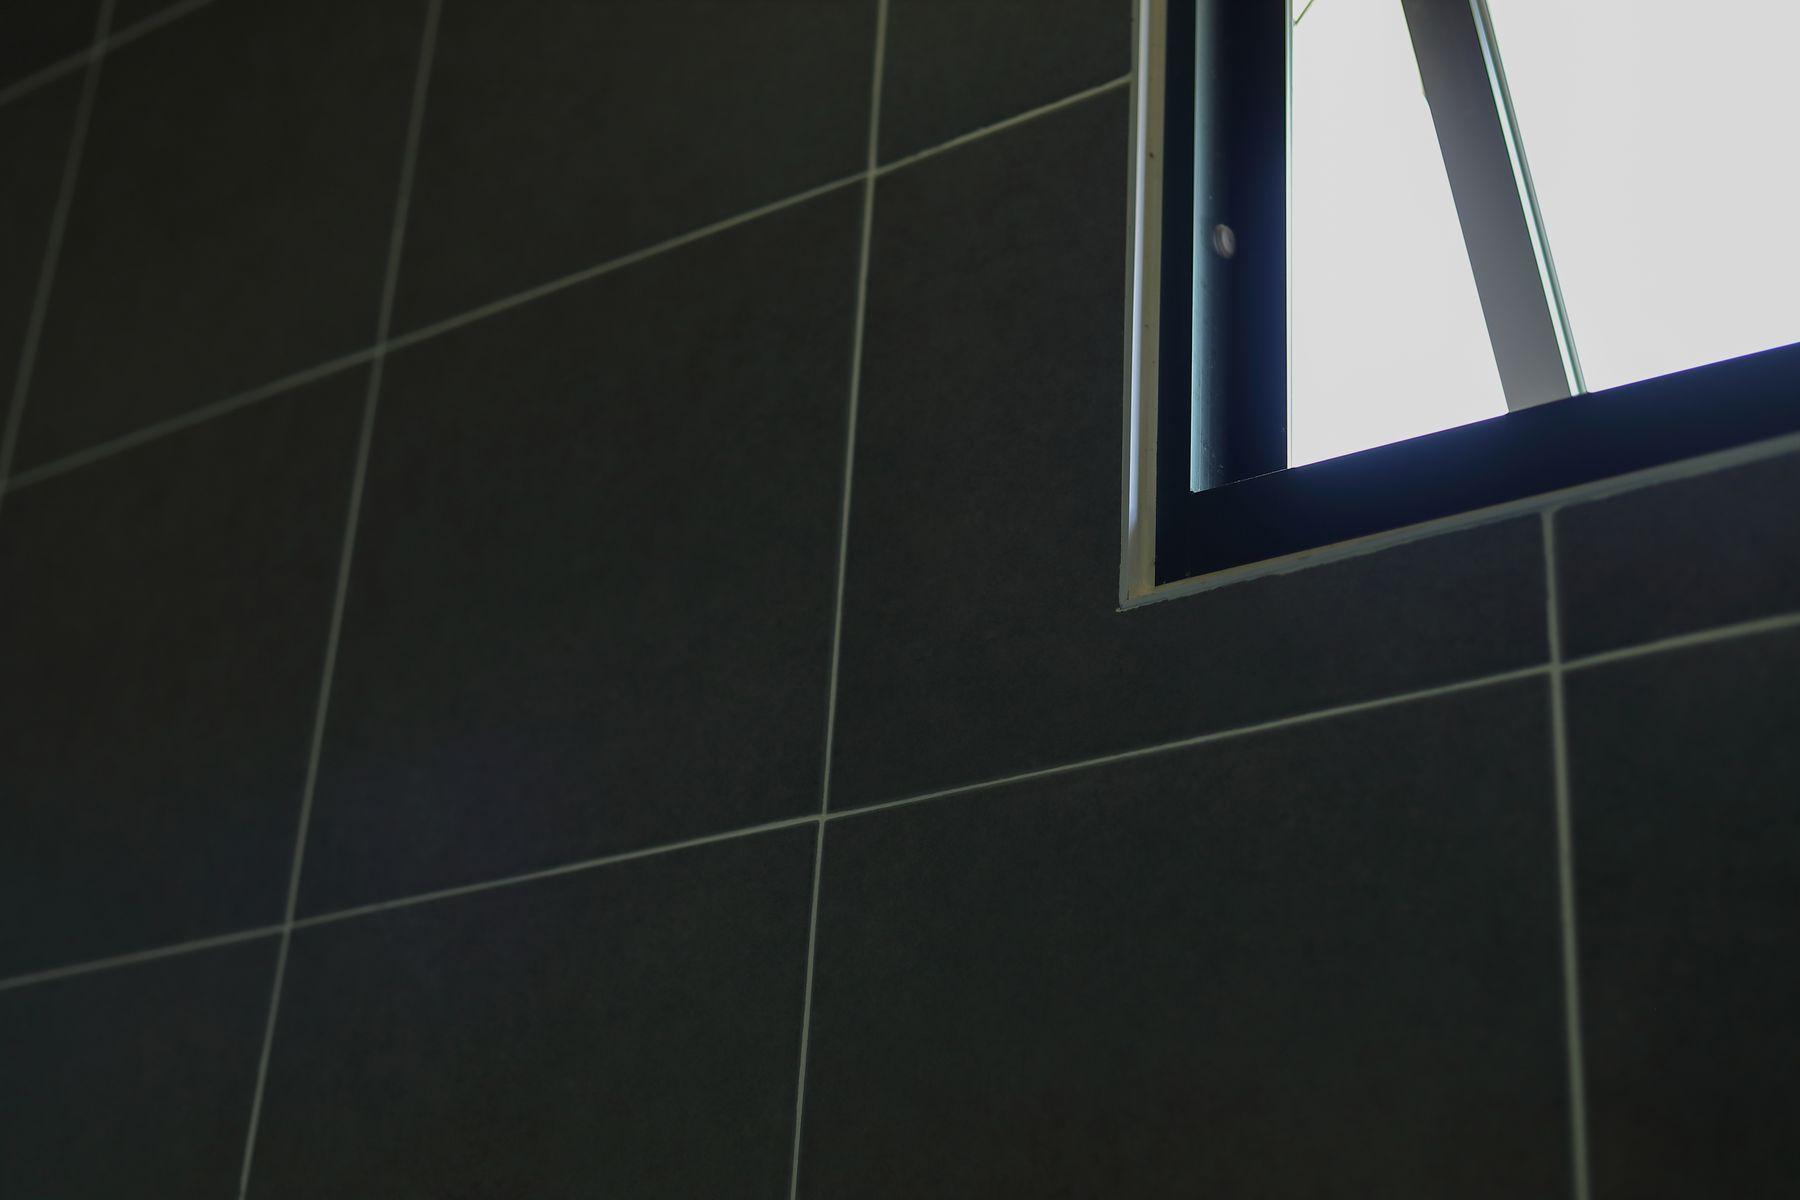 Step 1: Abra una pequeña ventana de vidrio en el baño